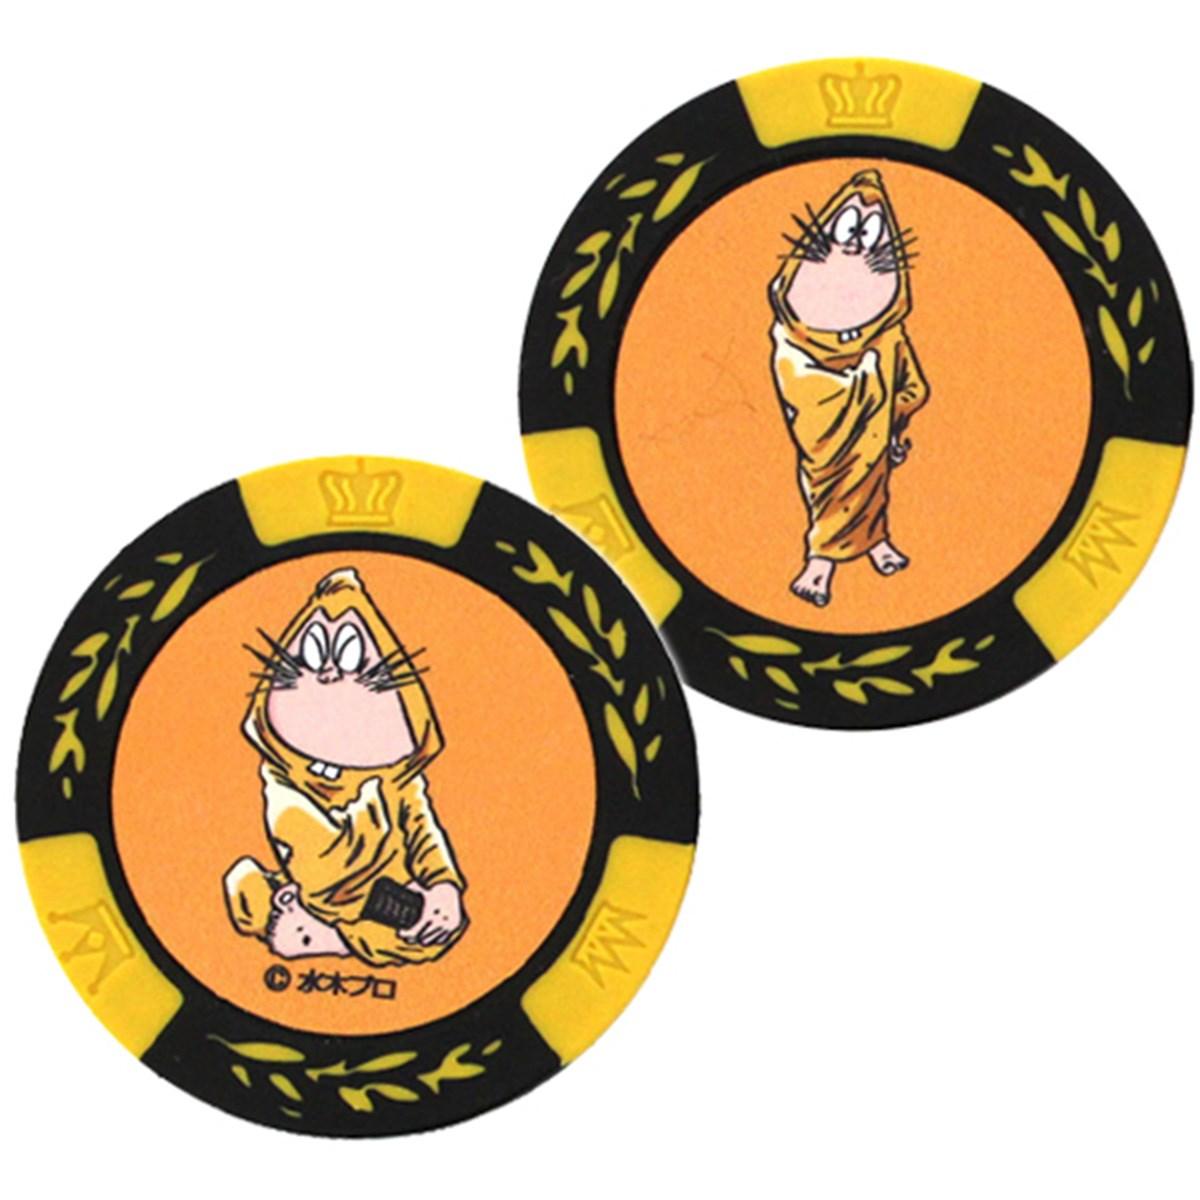 ホクシン交易 ゲゲゲの鬼太郎カジノチップマーカー イエロー